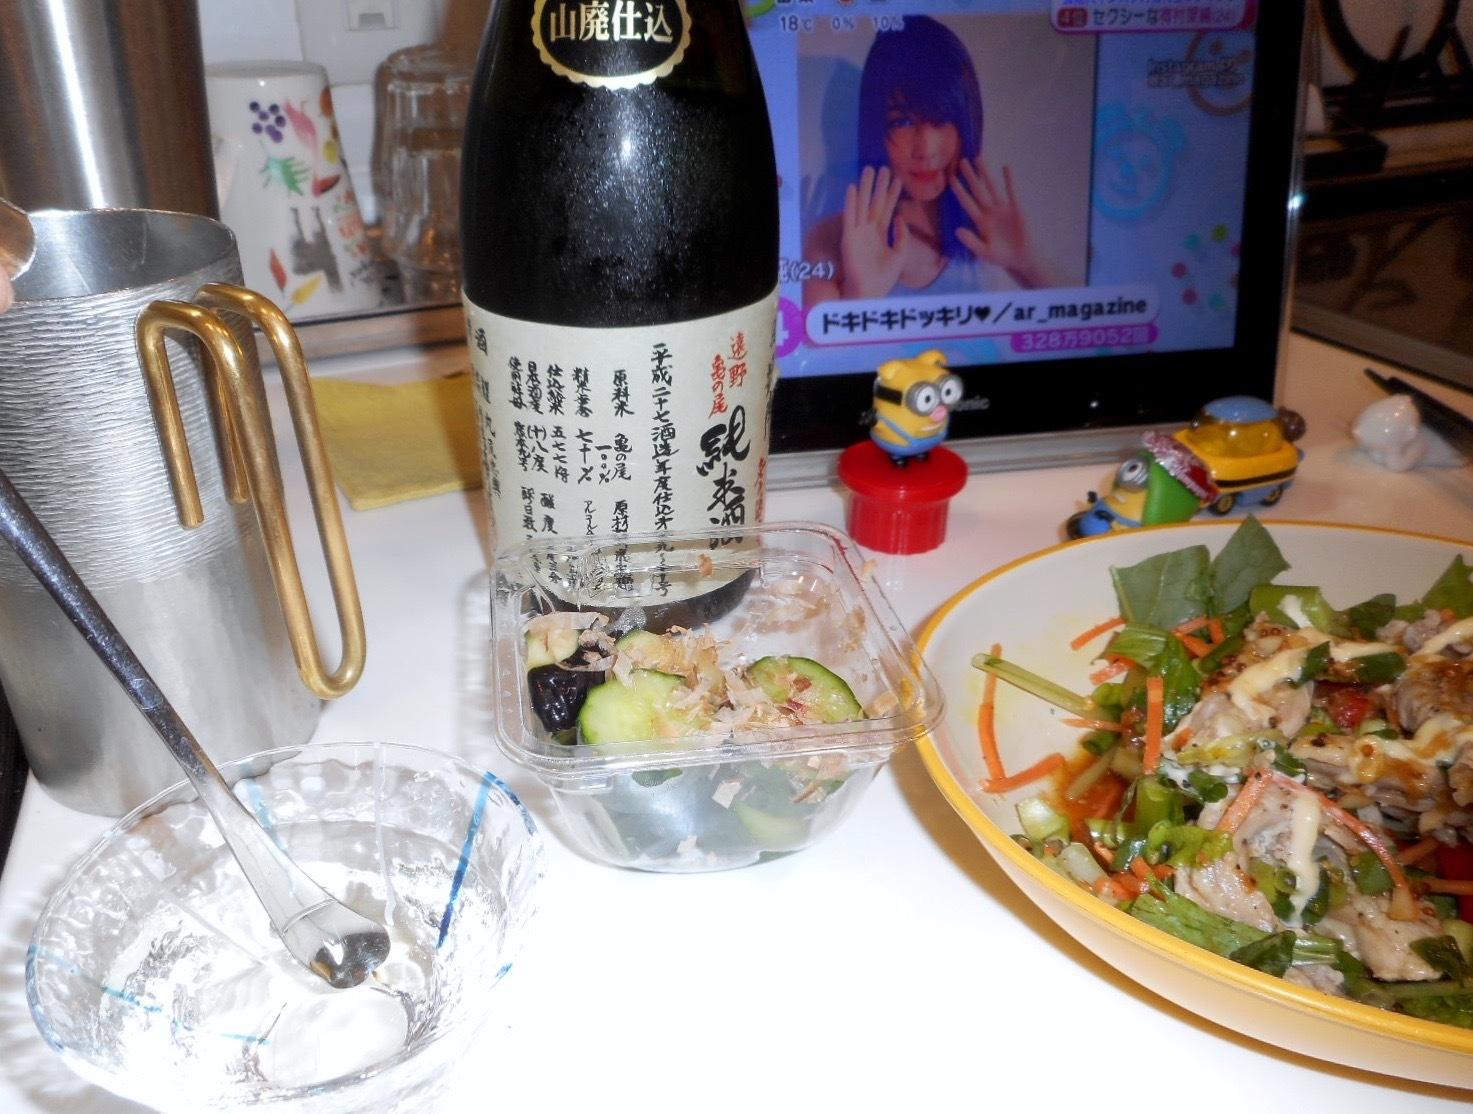 yorokobigaijin_toonokamenoo27by6.jpg